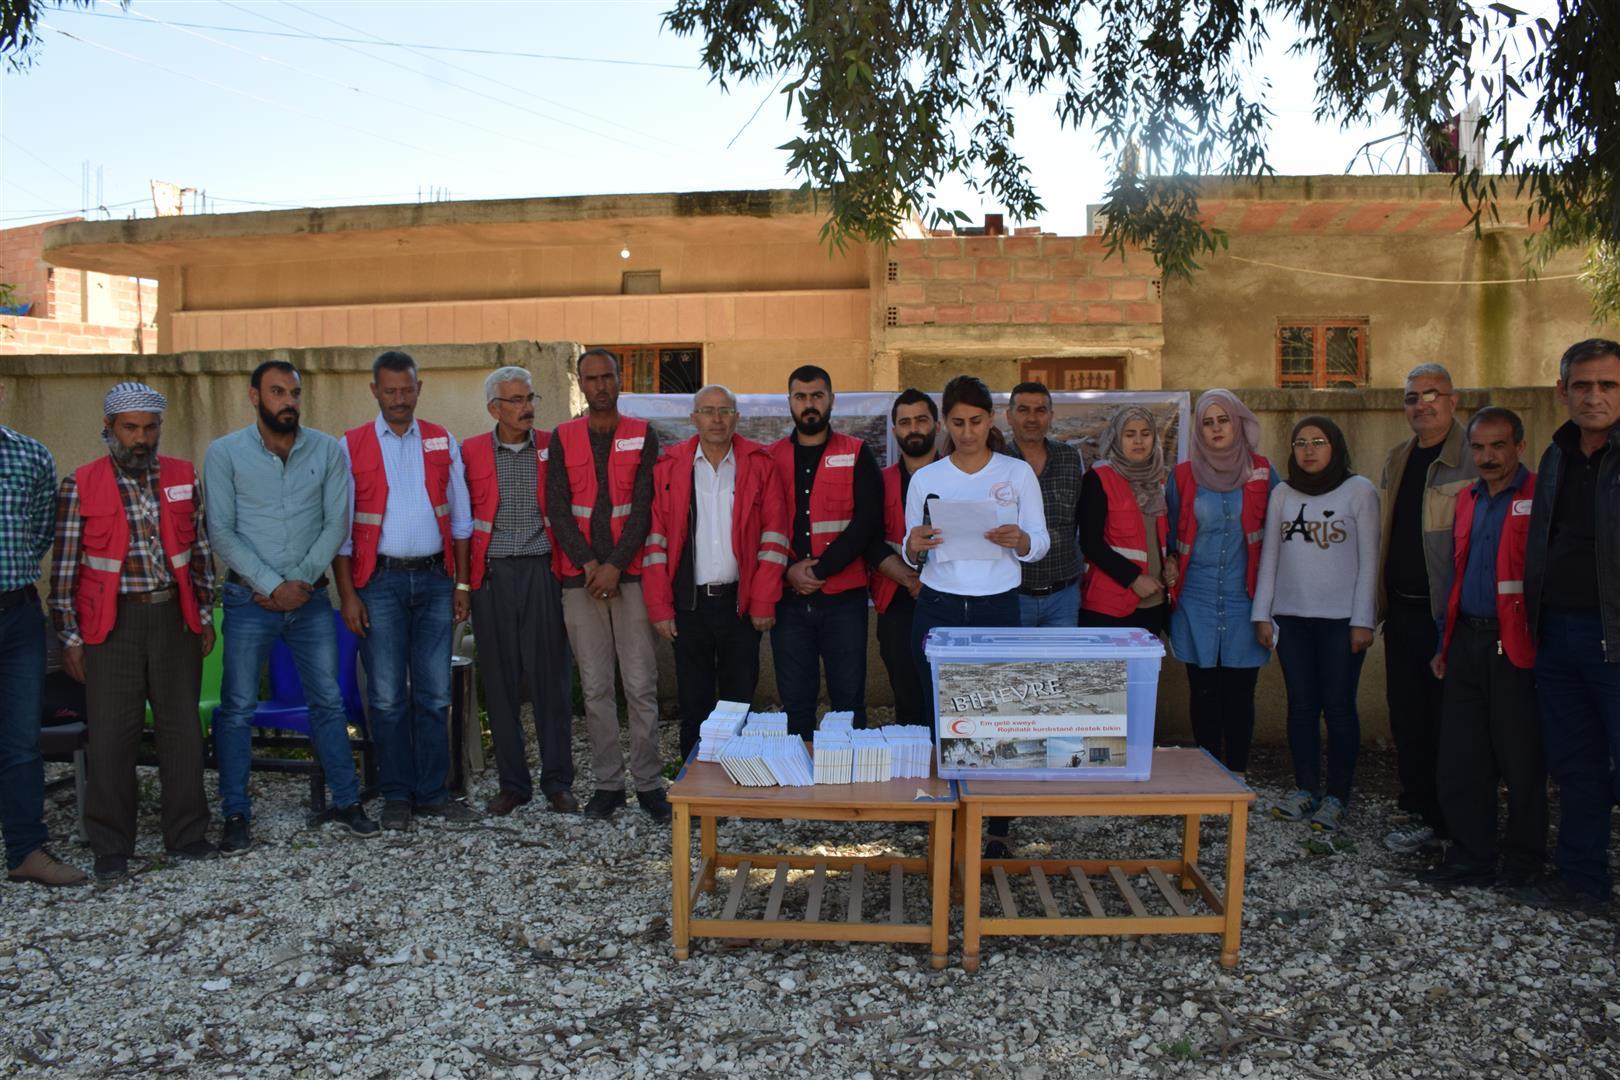 خيمة في ديرك وحملة لجمع التبرعات في الحسكة لمساعدة متضرري فيضانات روجهلات